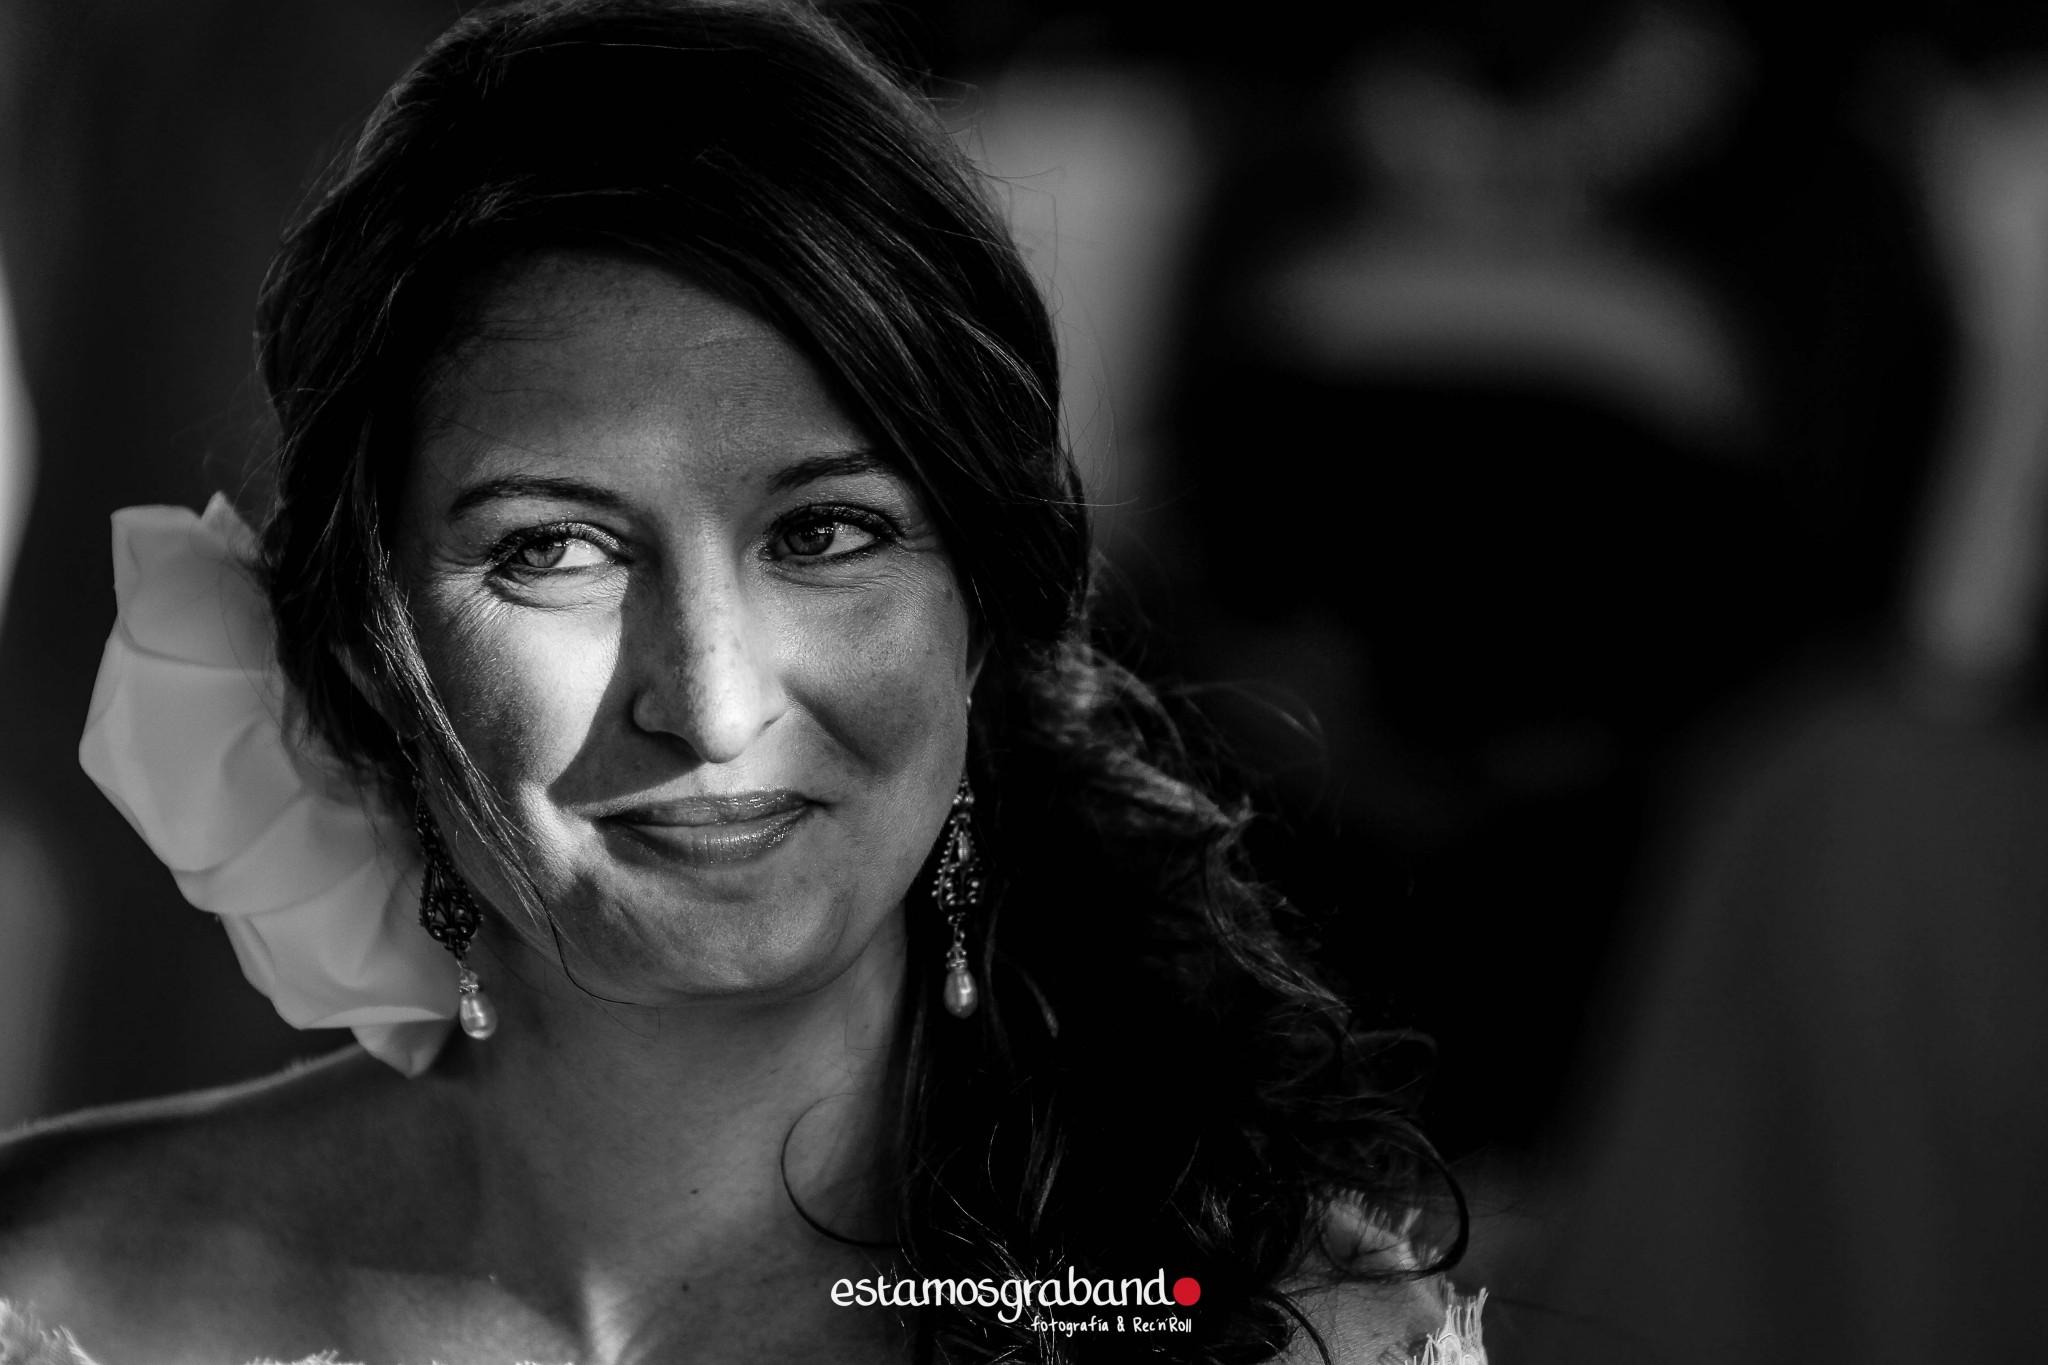 vee-y-juan_boda-escocesa-7 La boda de Braveheart (Spanish version)_Vee & Juan - video boda cadiz